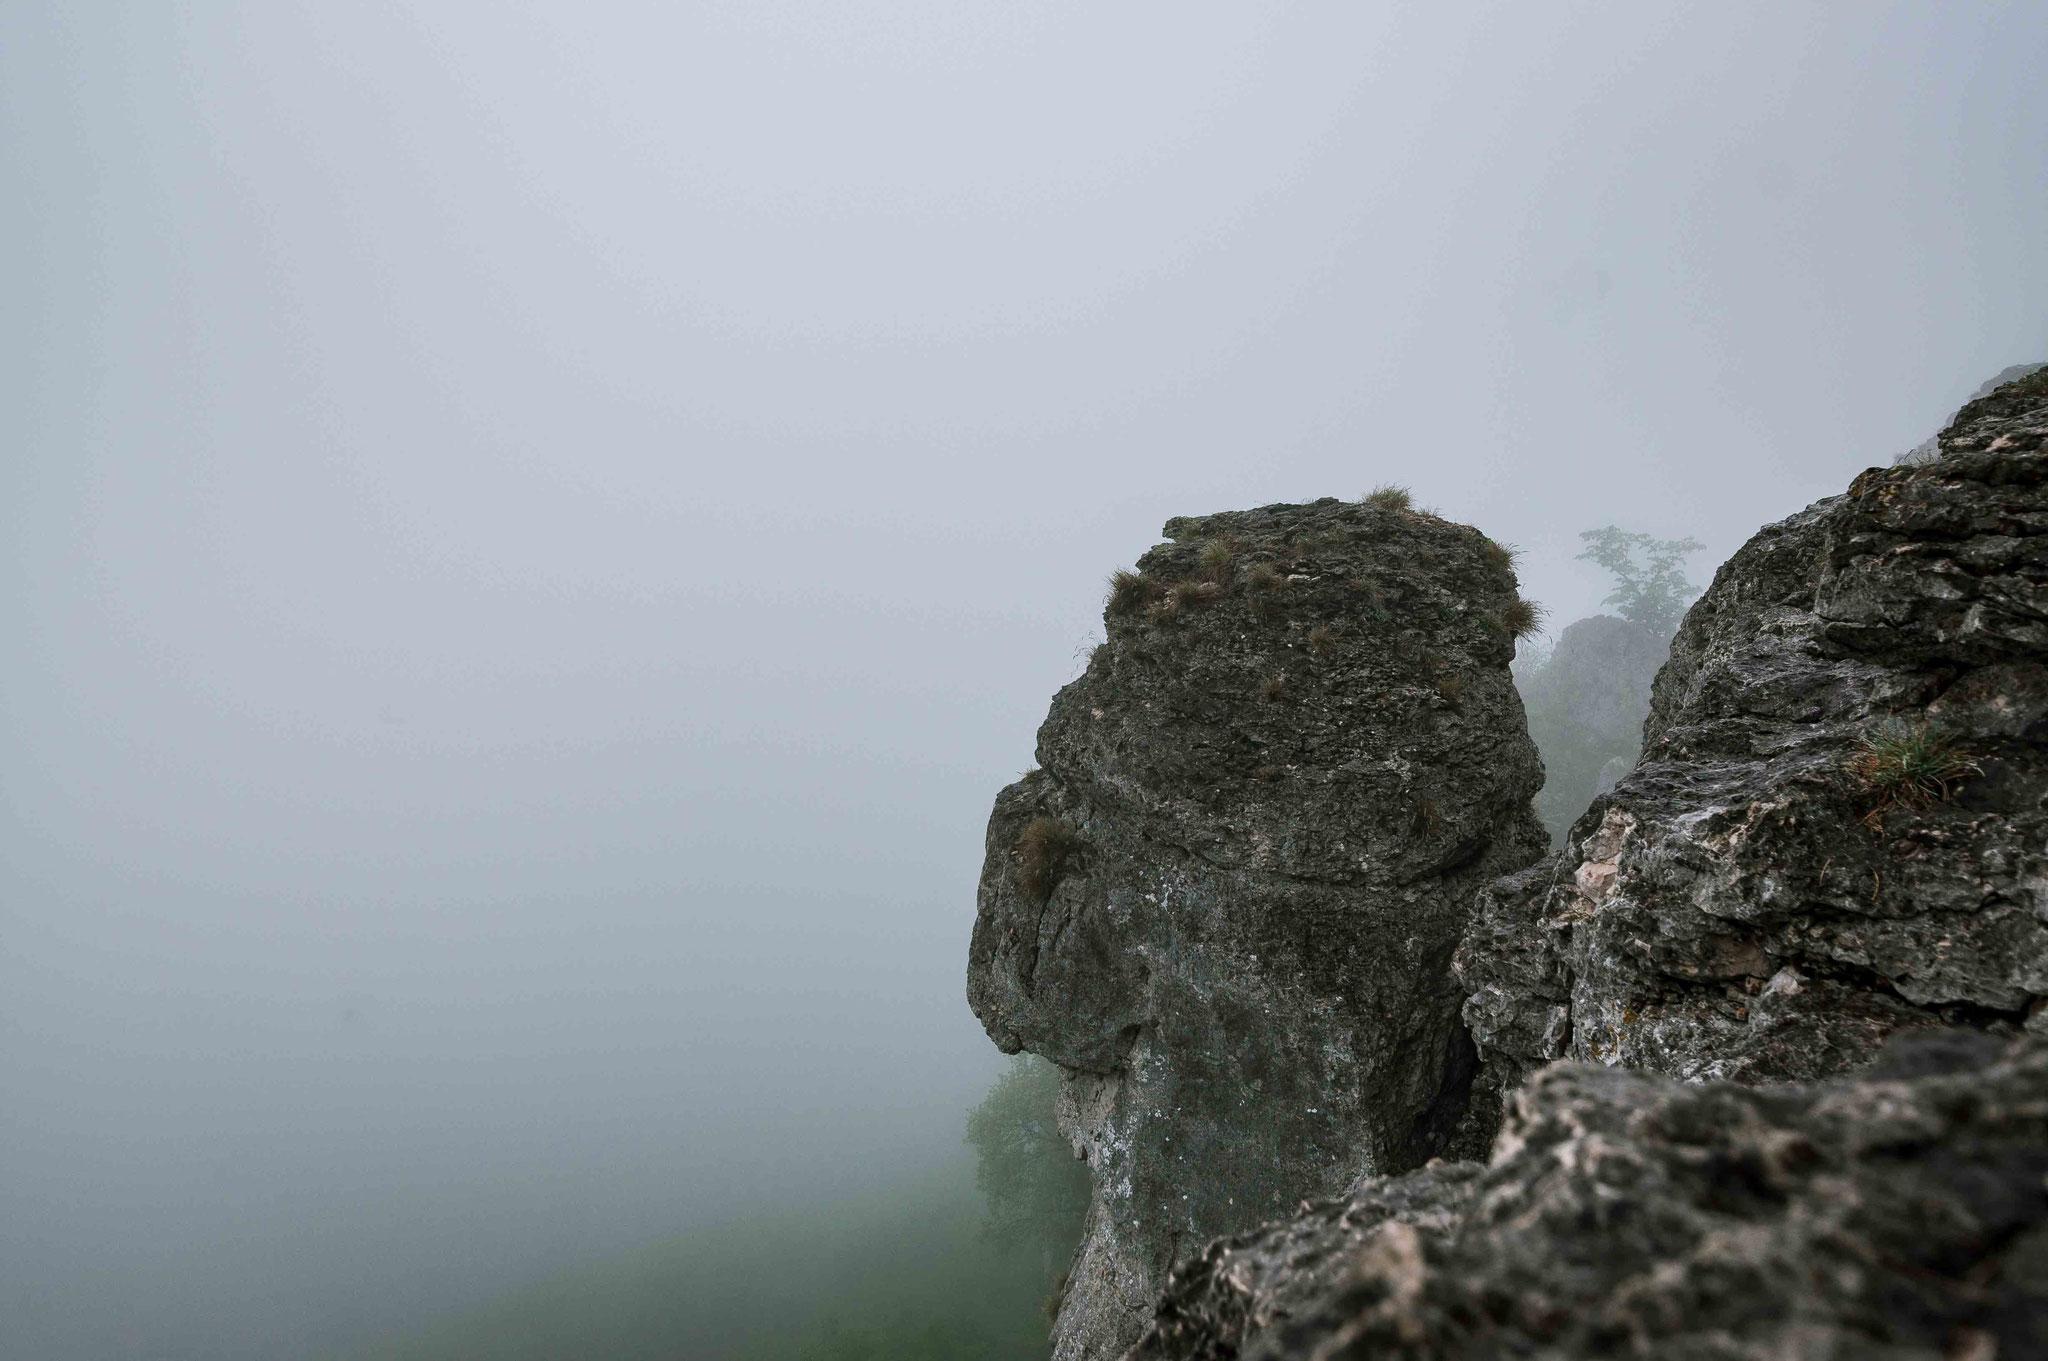 Fels im Nebelmeer; Neidlingen